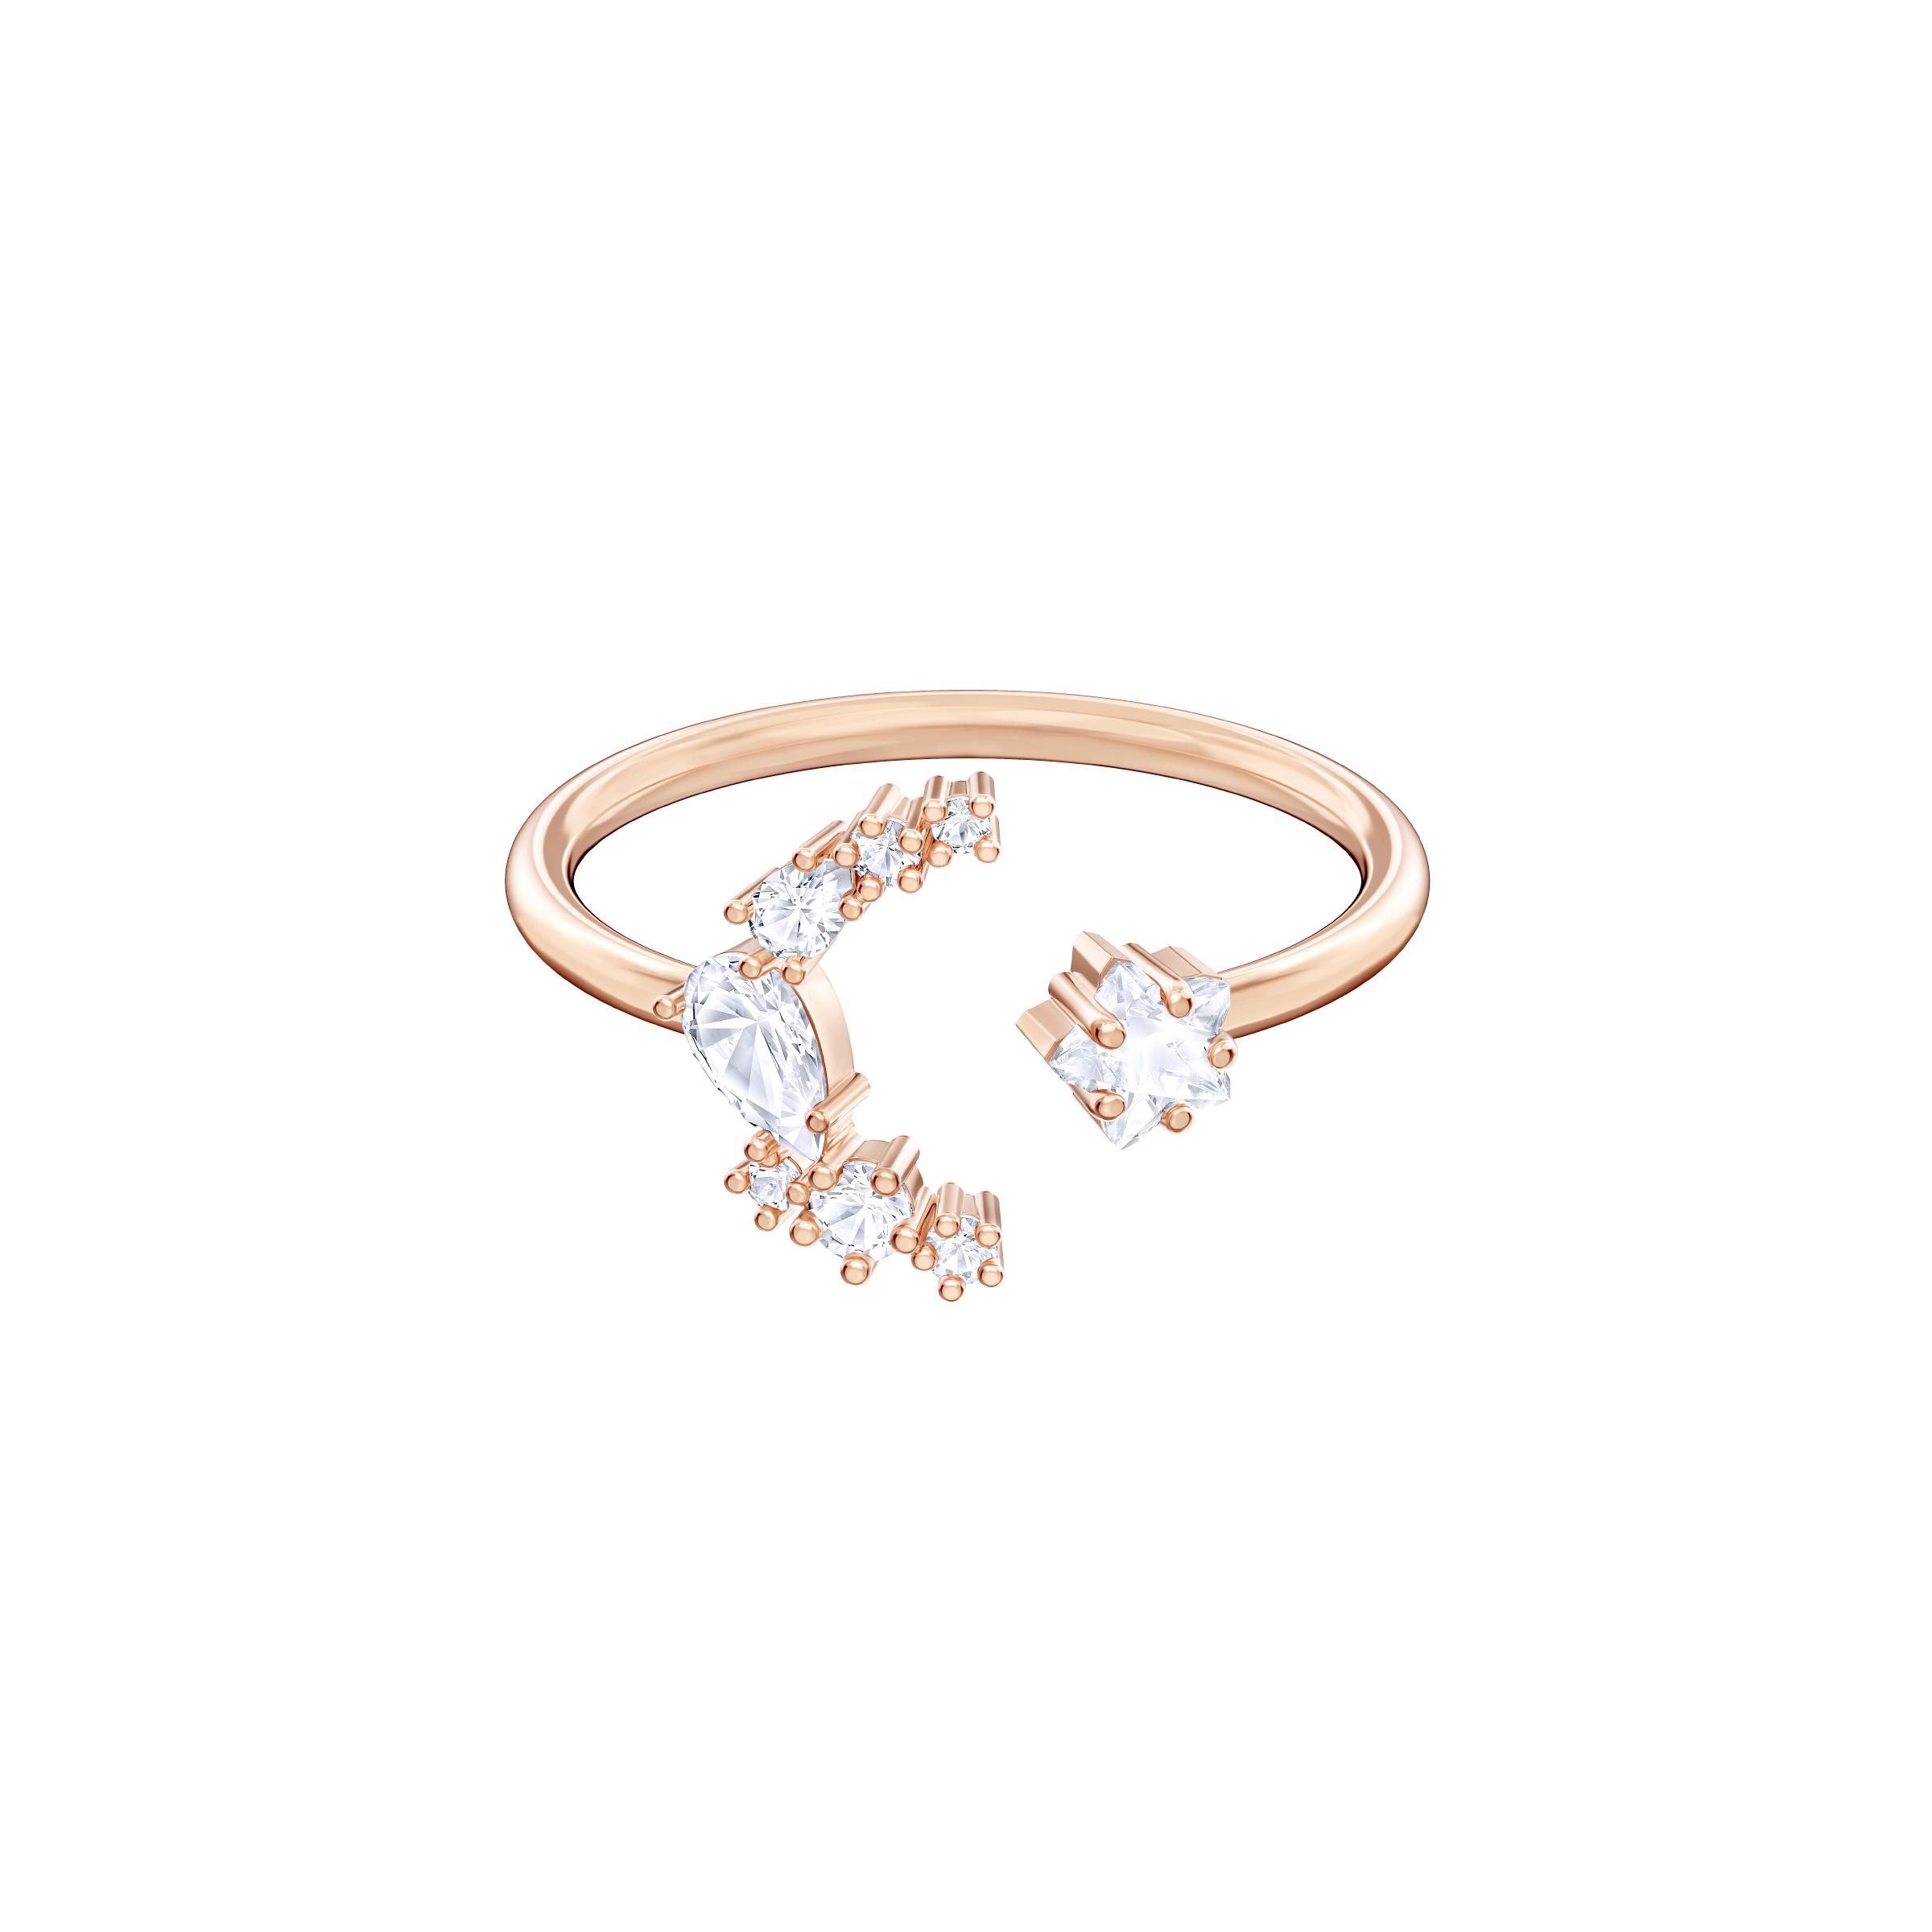 Penélope Cruz Moonsun Open Ring, White, Rose gold plating